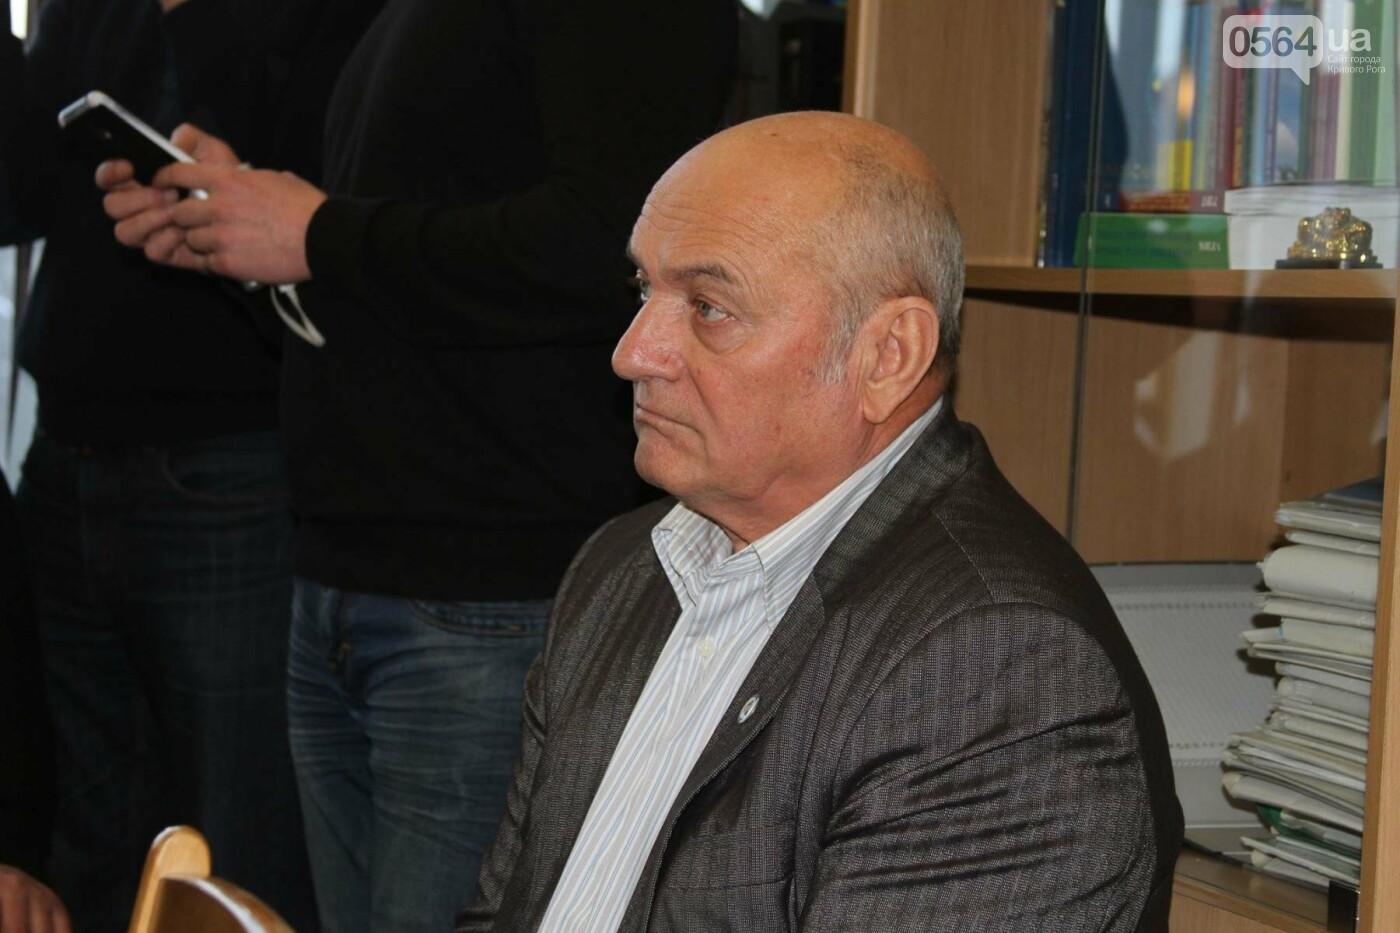 Криворожские депутаты из комиссии по этике и дисциплине со второй попытки не смогли собраться (ФОТО), фото-11